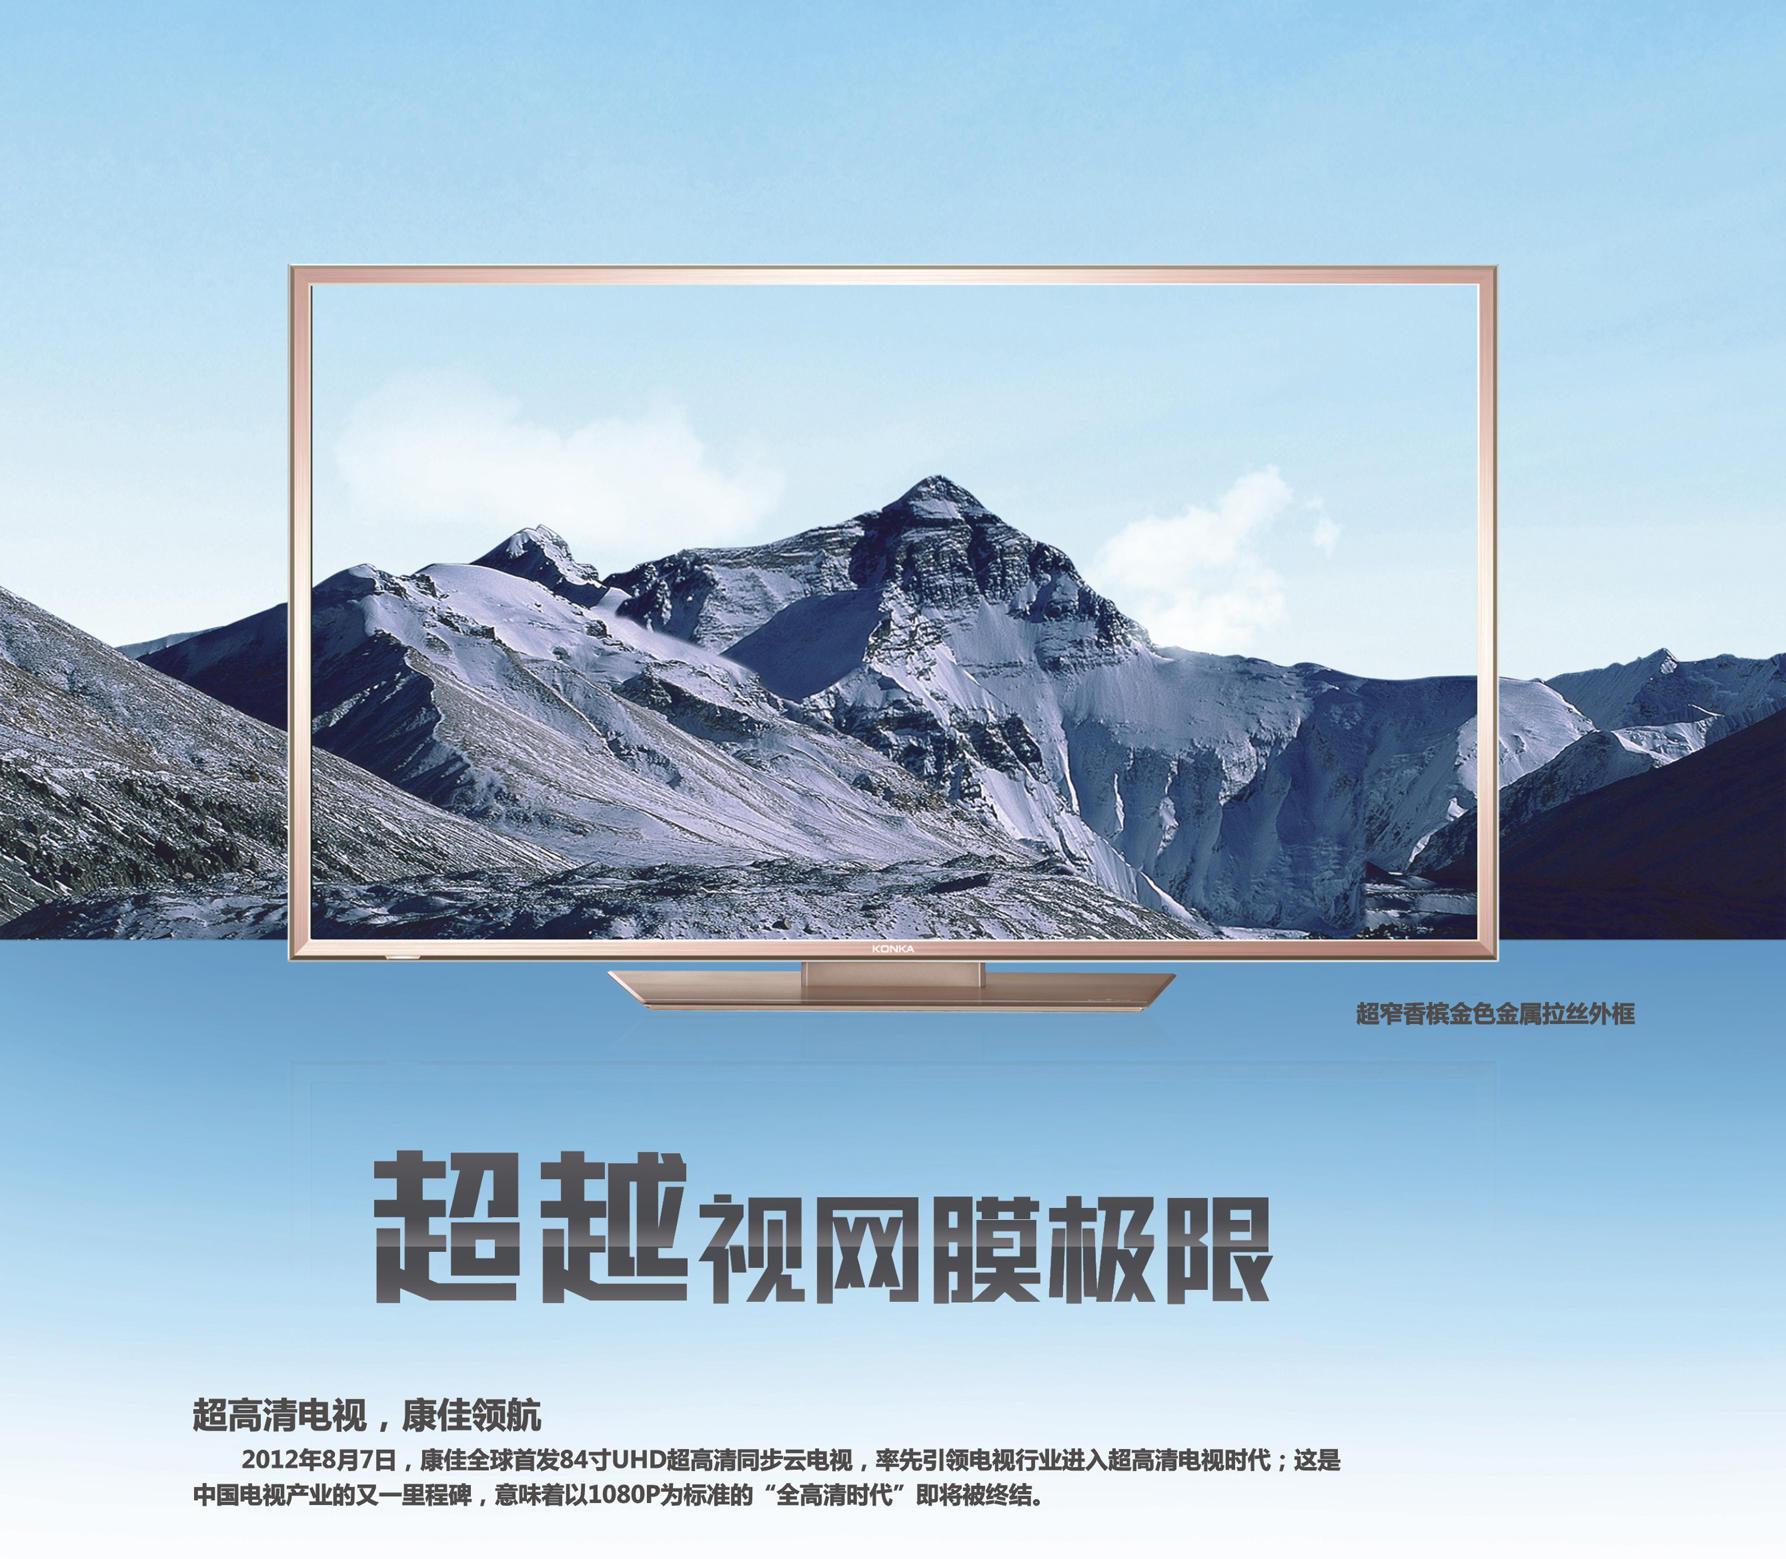 康佳官网商�_康佳led40x9600uf 电视机,善融商务个人商